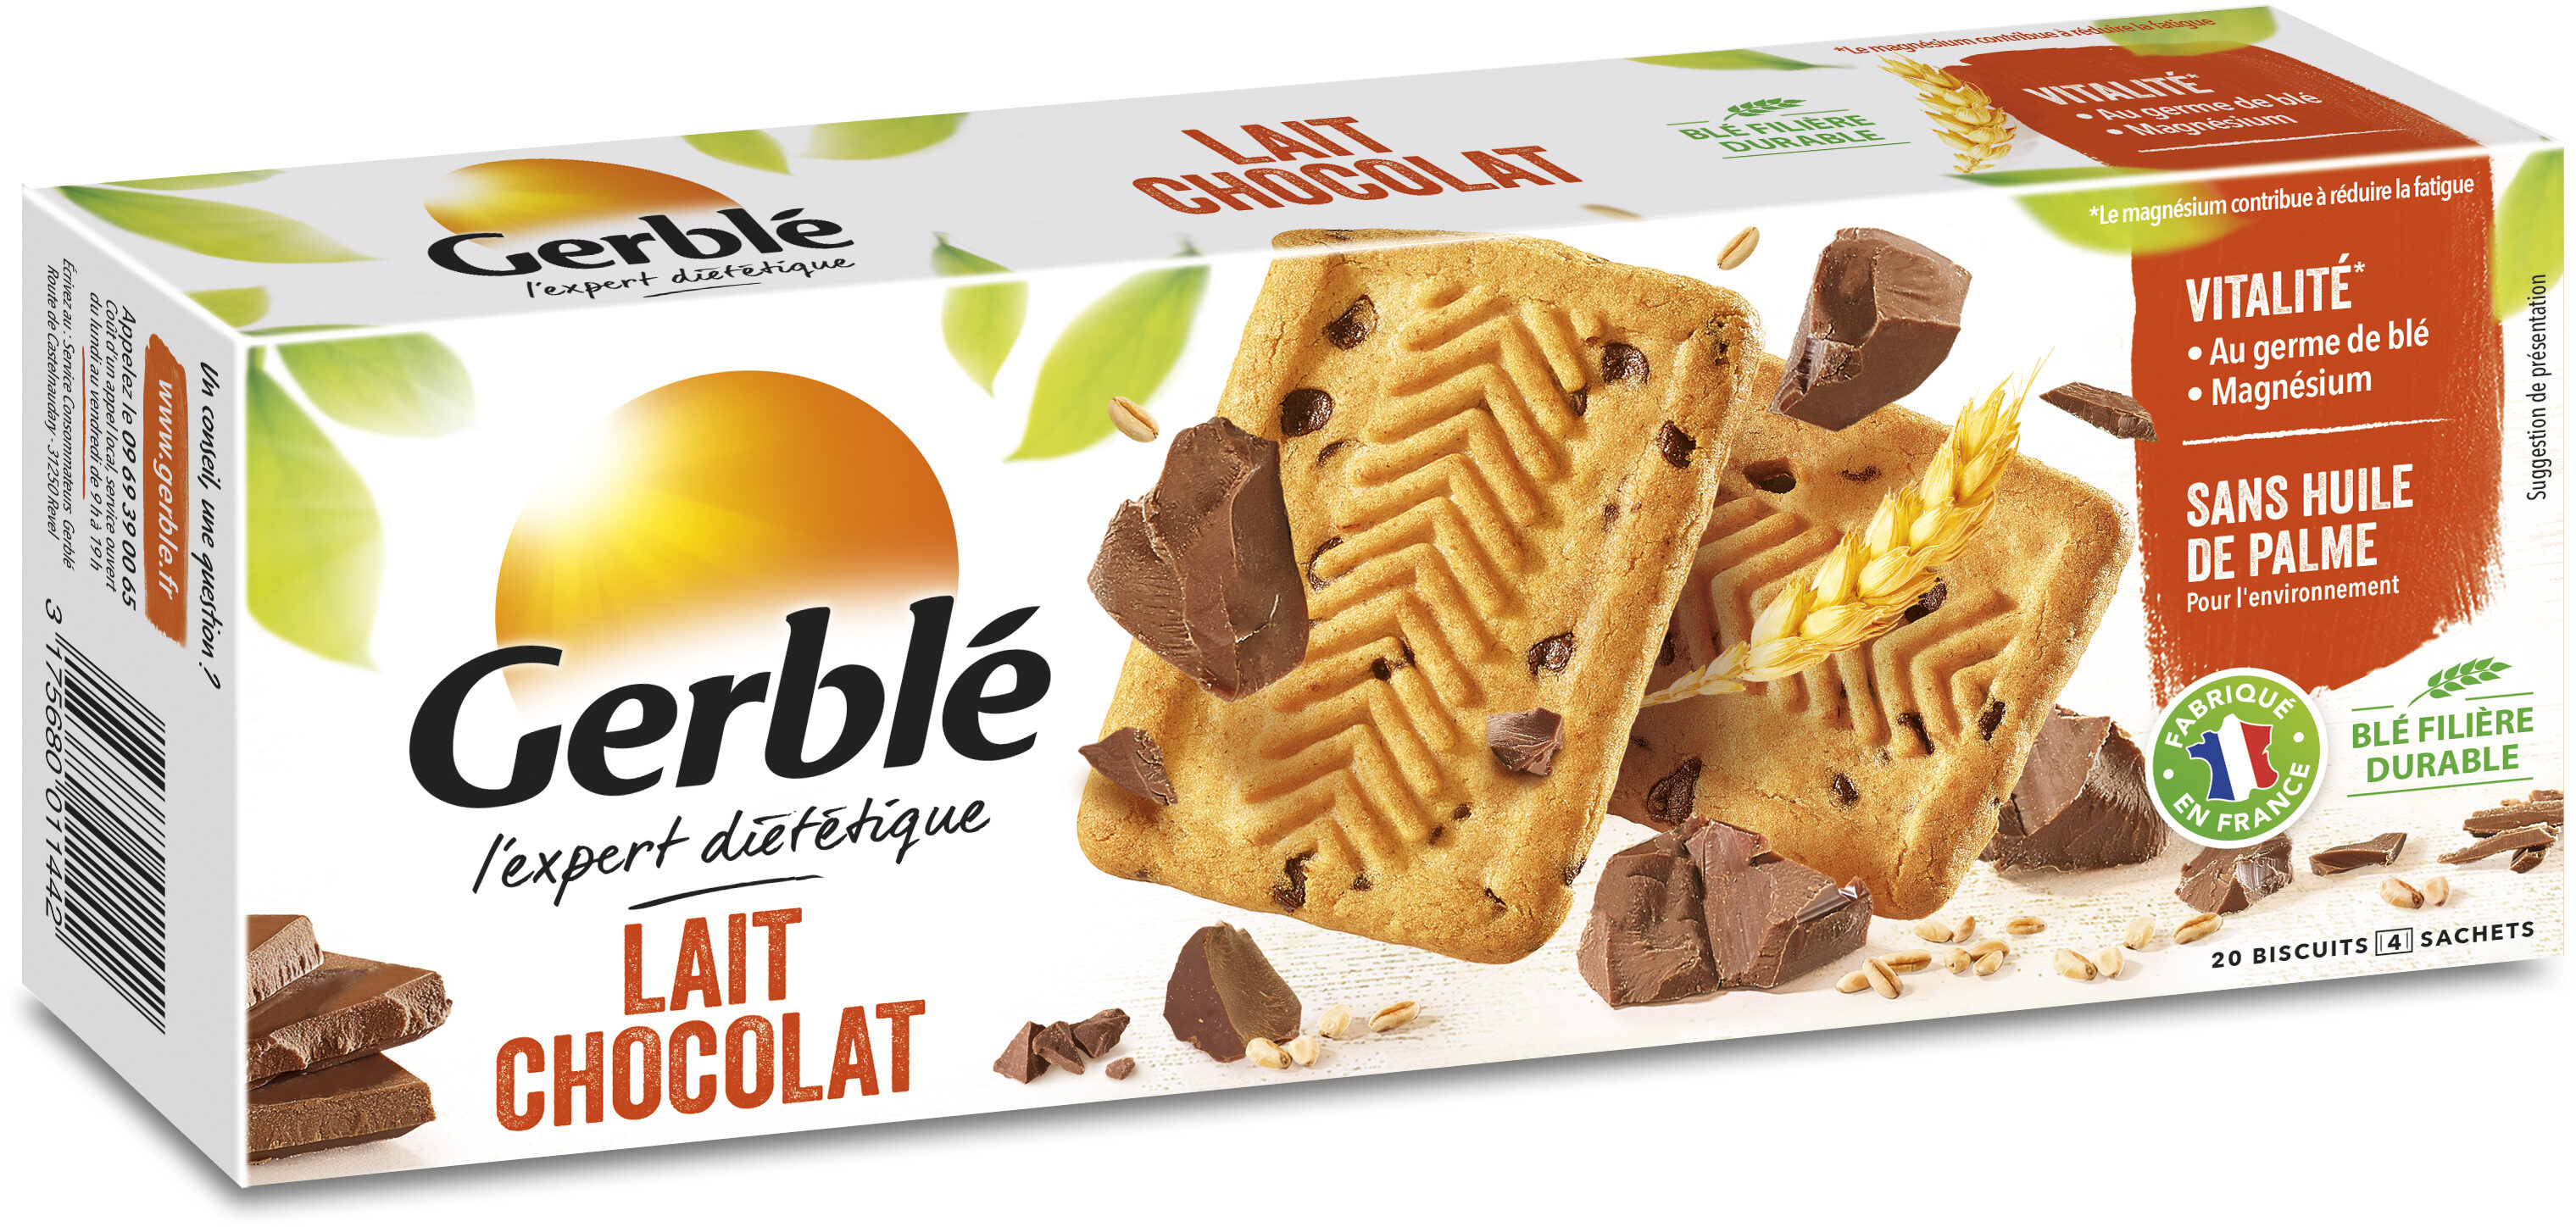 Biscuit lait chocolat - Product - fr